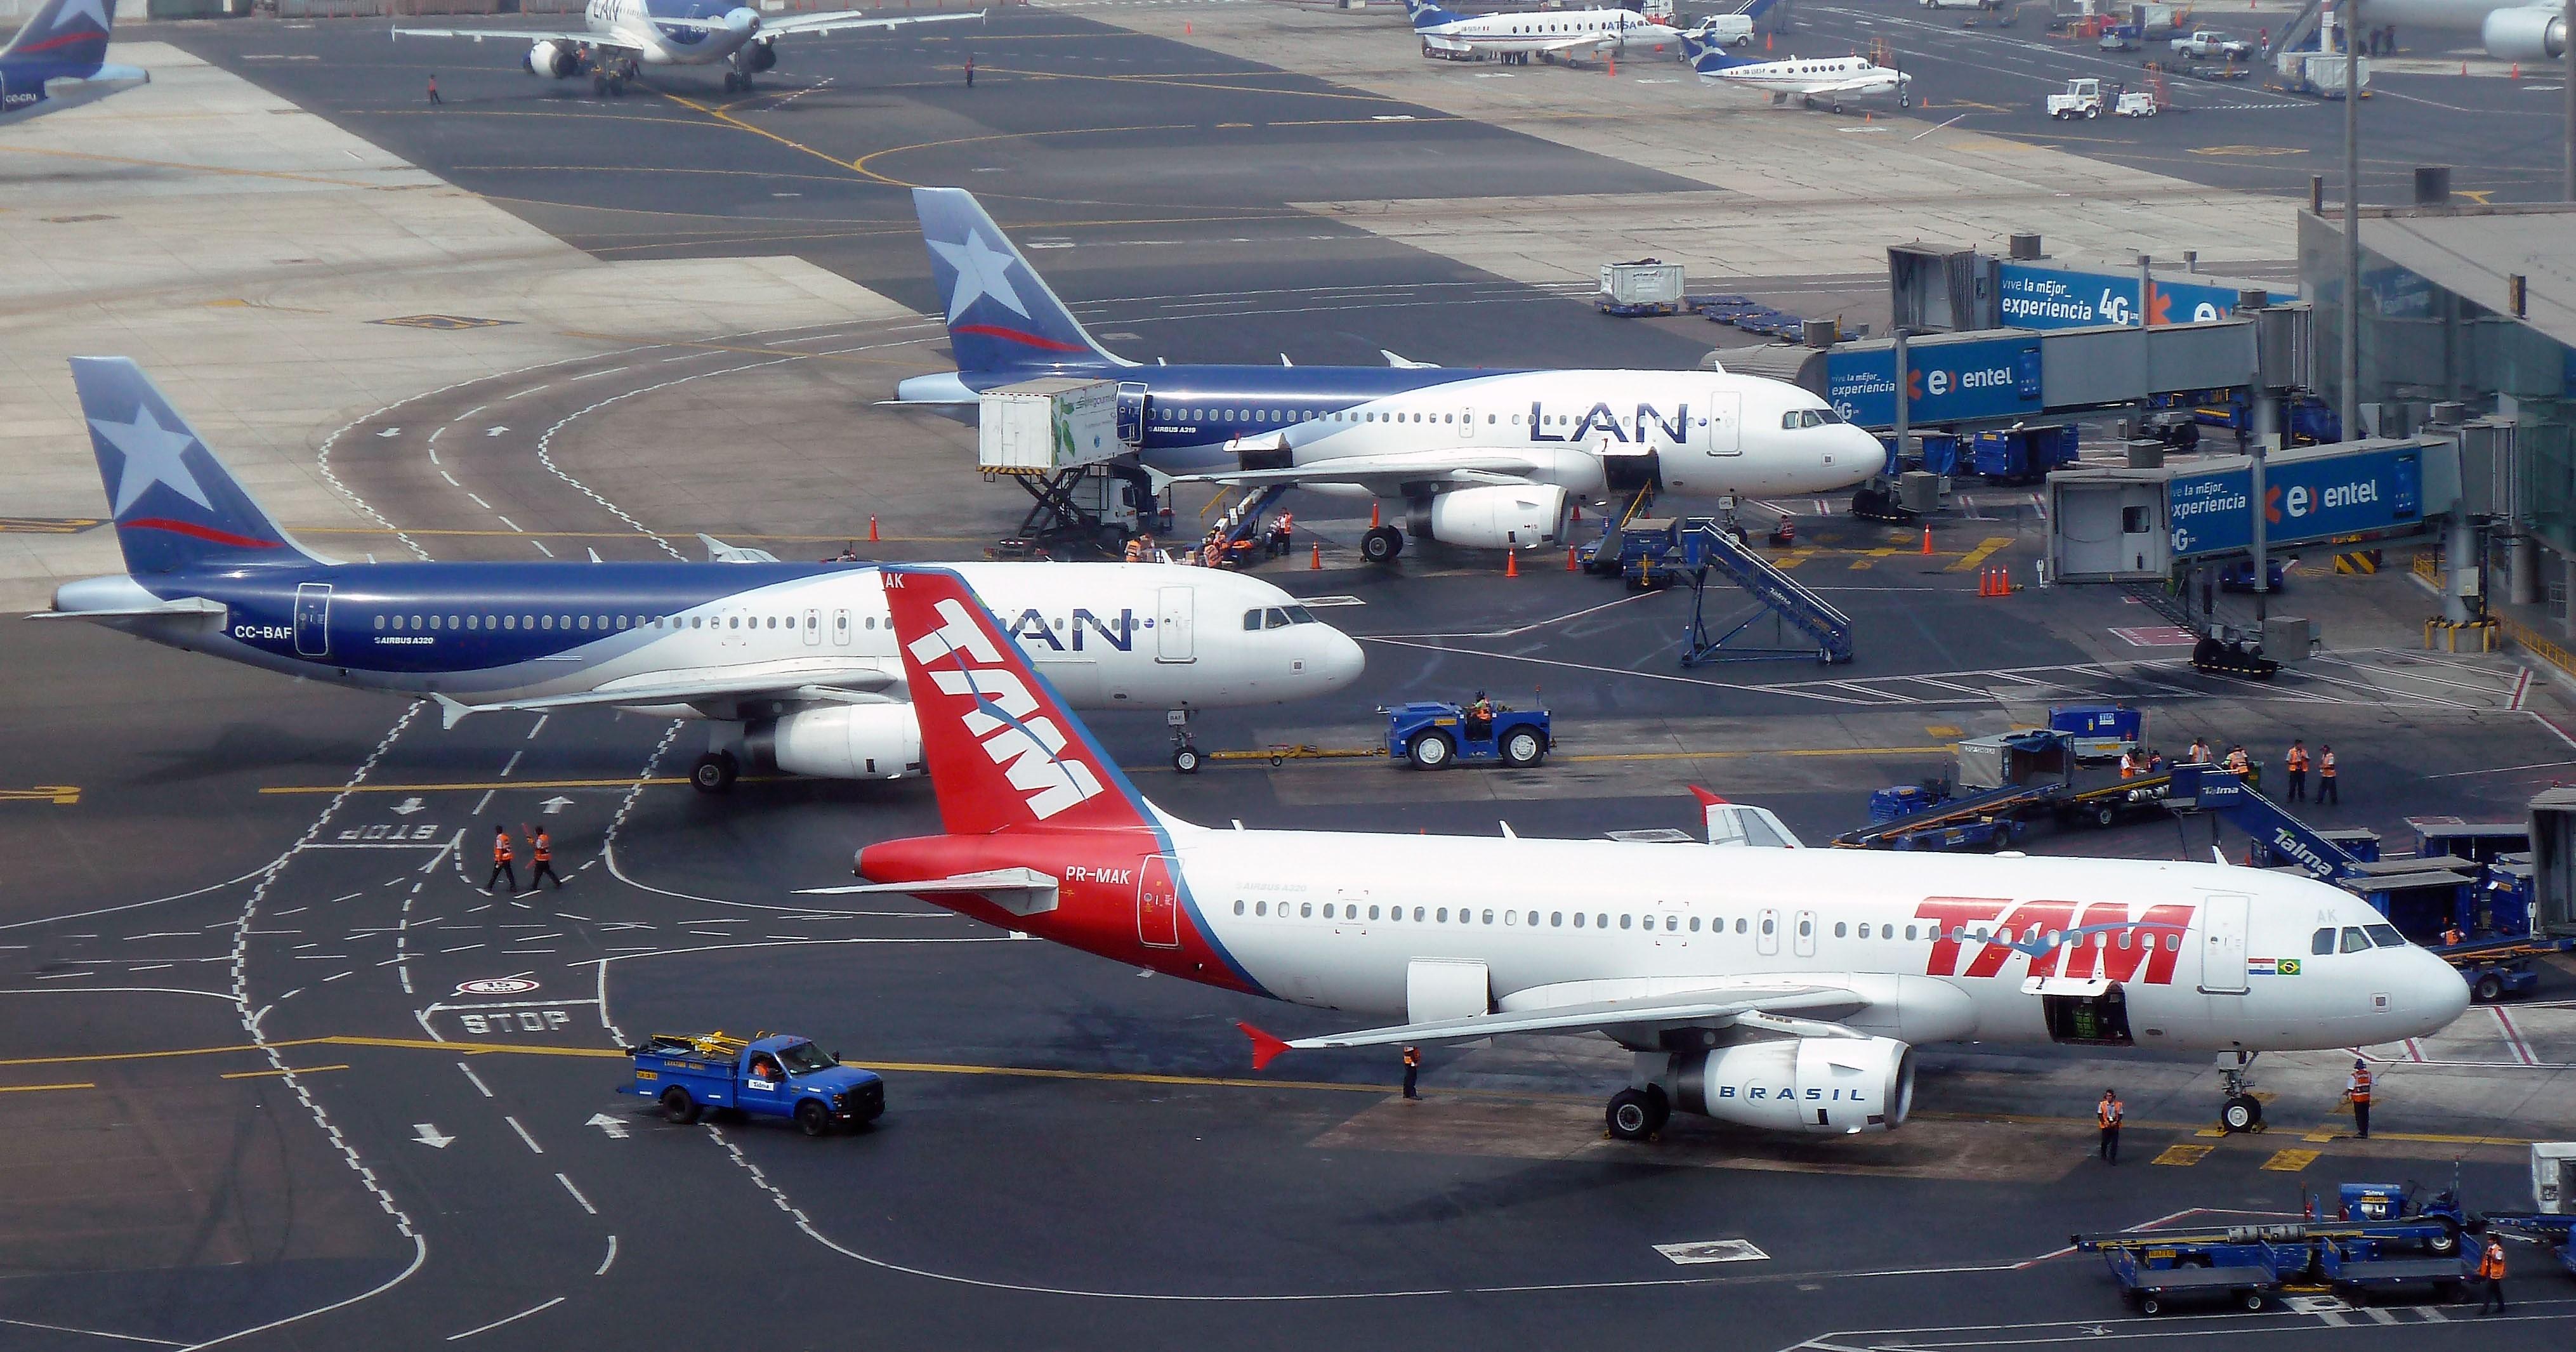 AERTEC Solutions organiza un Congreso Internacional Aeroportuario en Málaga que reunirá a medio centenar de expertos mundiales